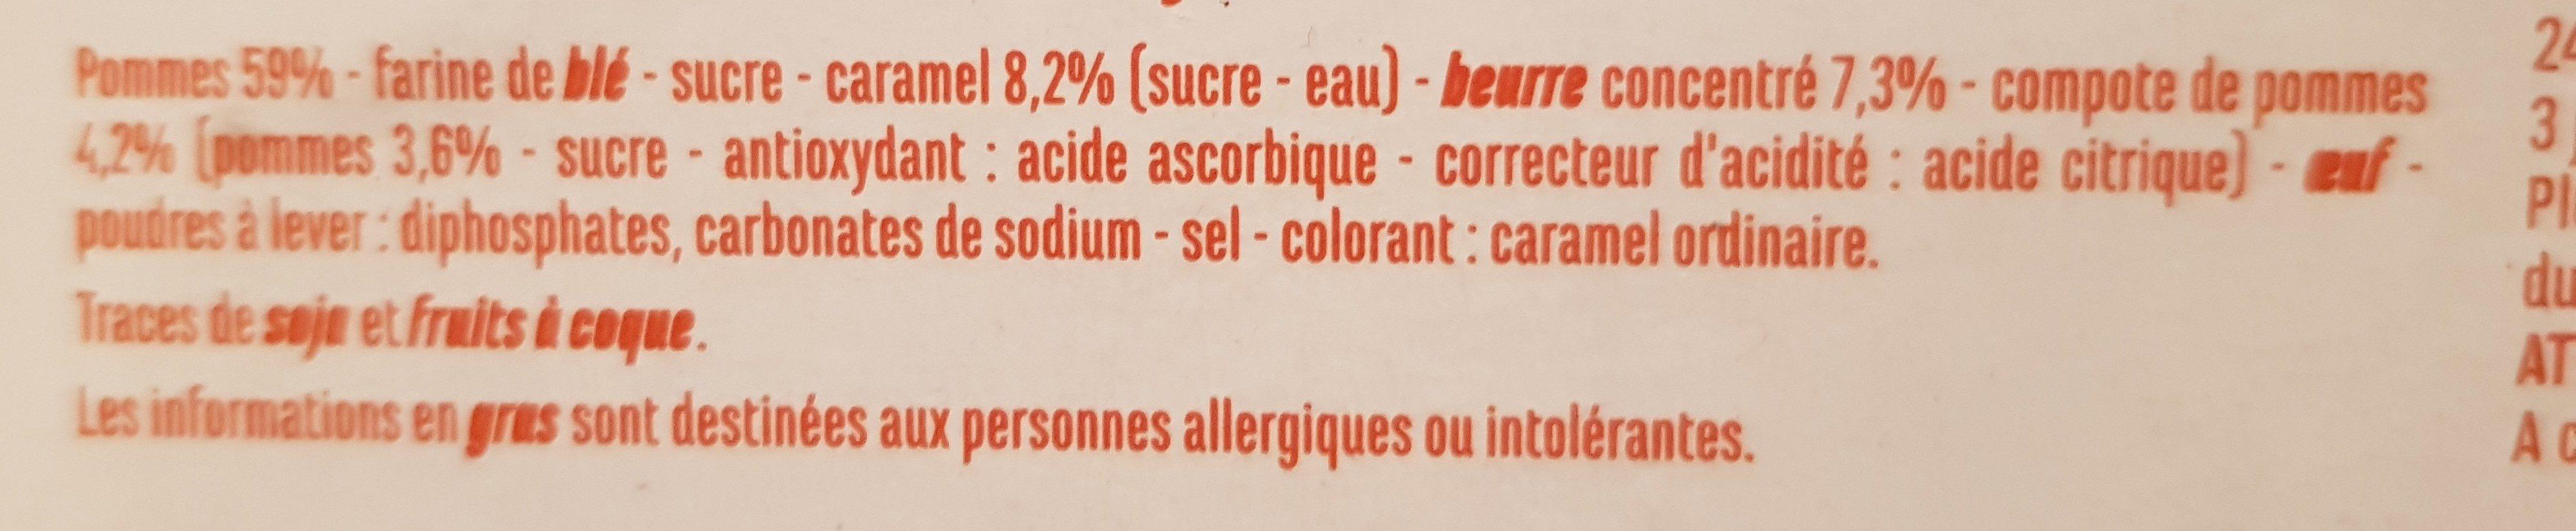 Tarte tatin - Ingredients